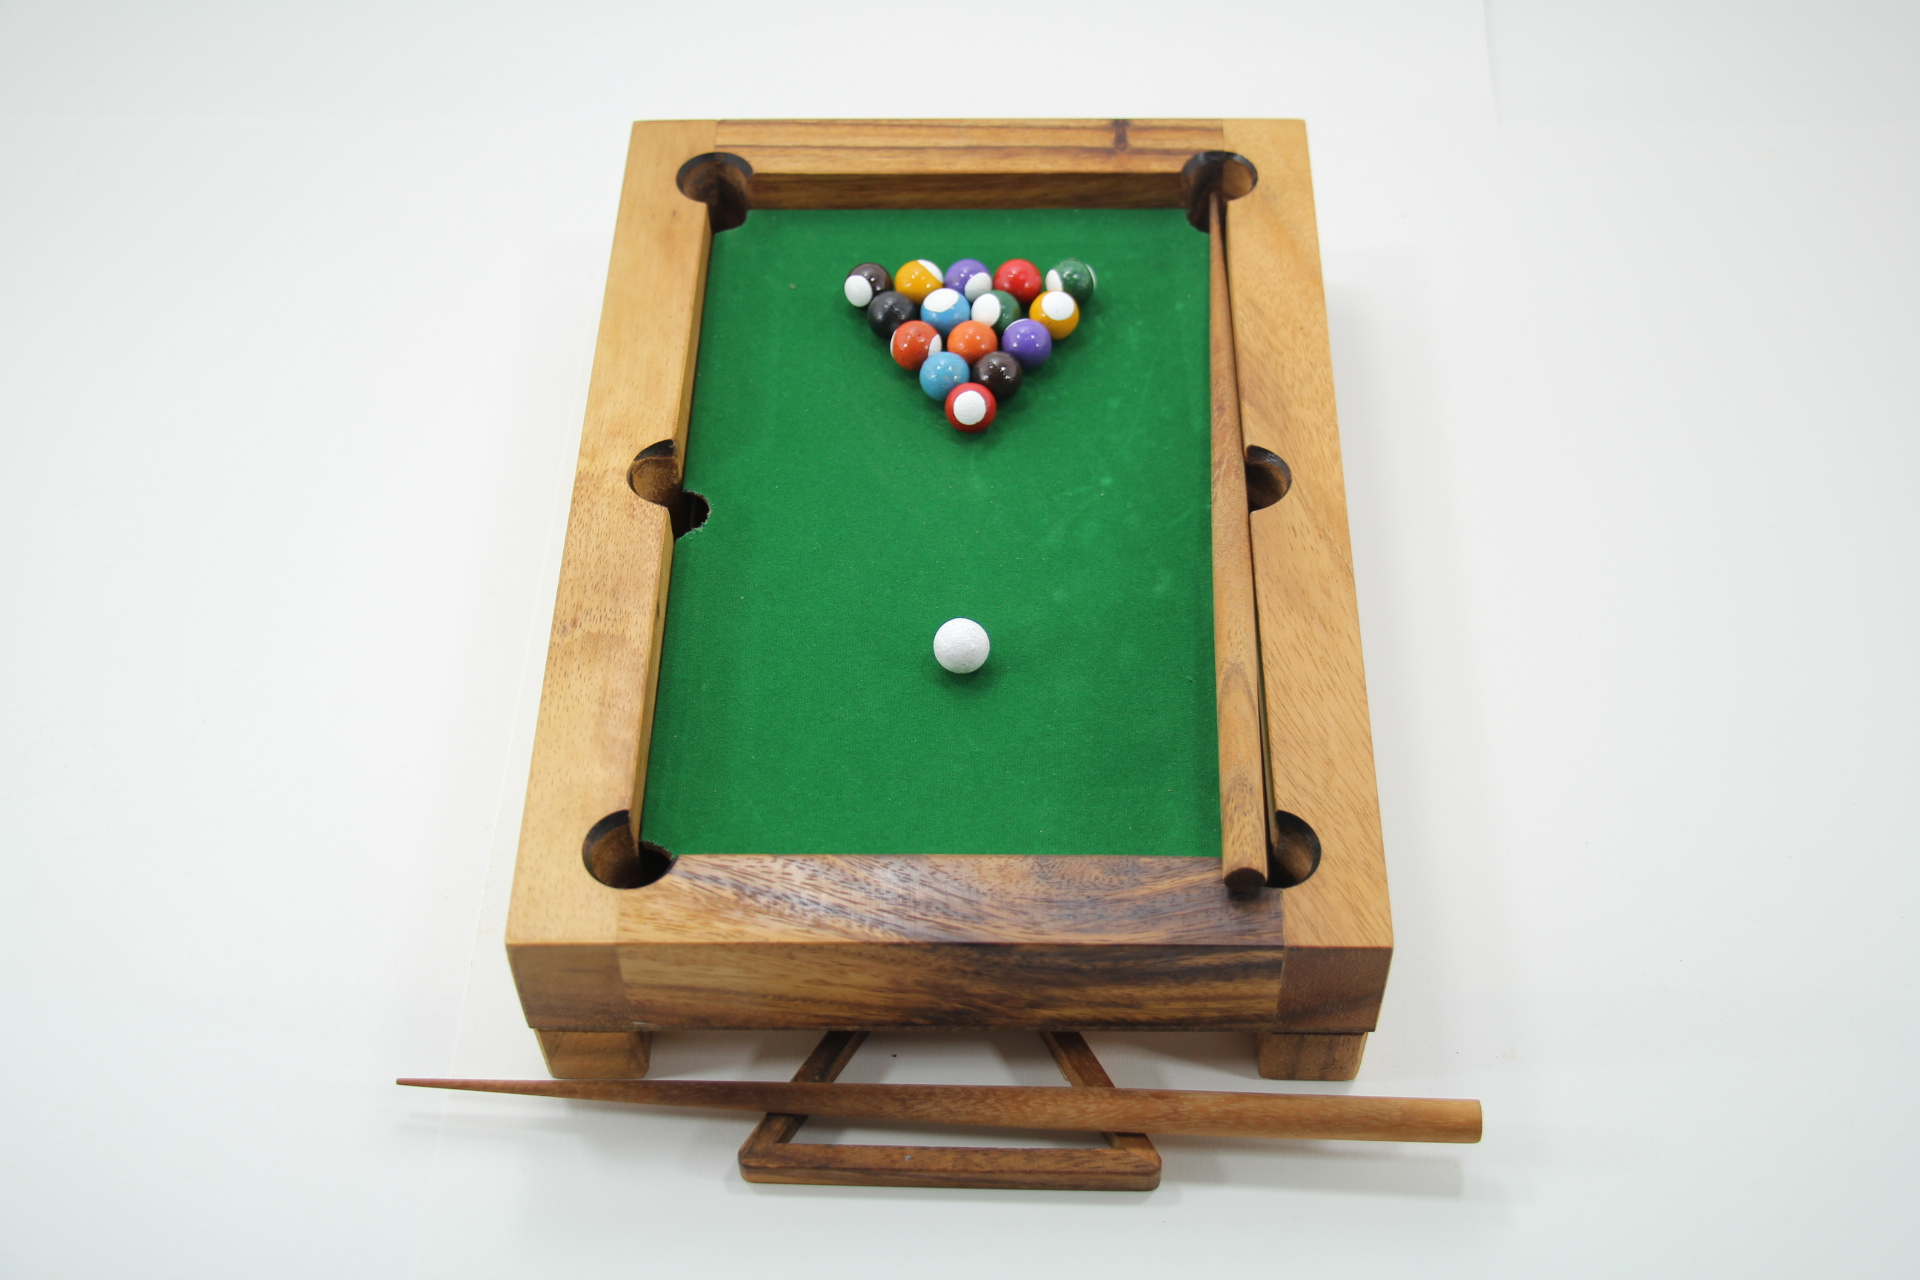 สนุ๊กเกอร์โต๊ะจิ๋ว ของเล่นเพื่อความเพลิดเพลิน ของเล่นฝึกสมอง